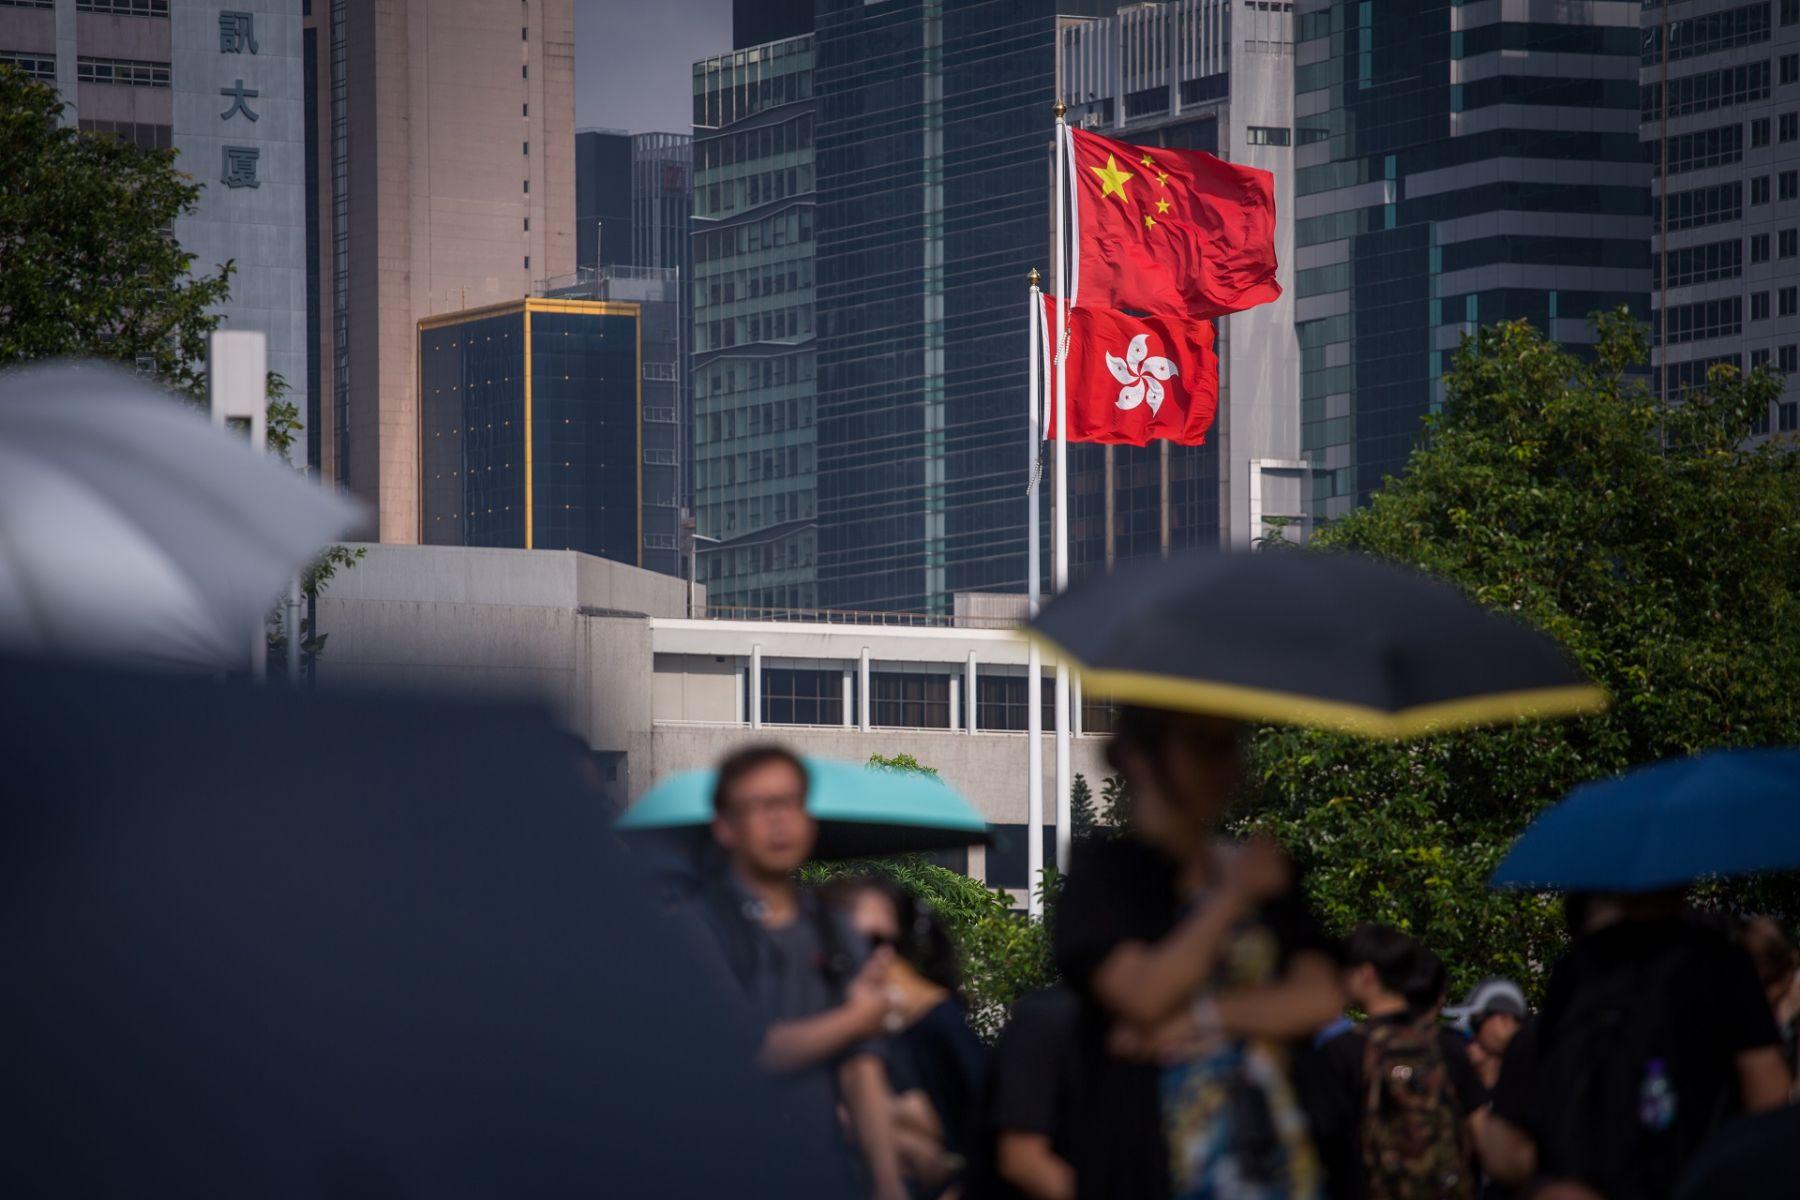 呼籲抵制暴力、支持林鄭 港澳辦強勢回應 暗示香港抗爭運動很難再走下去?